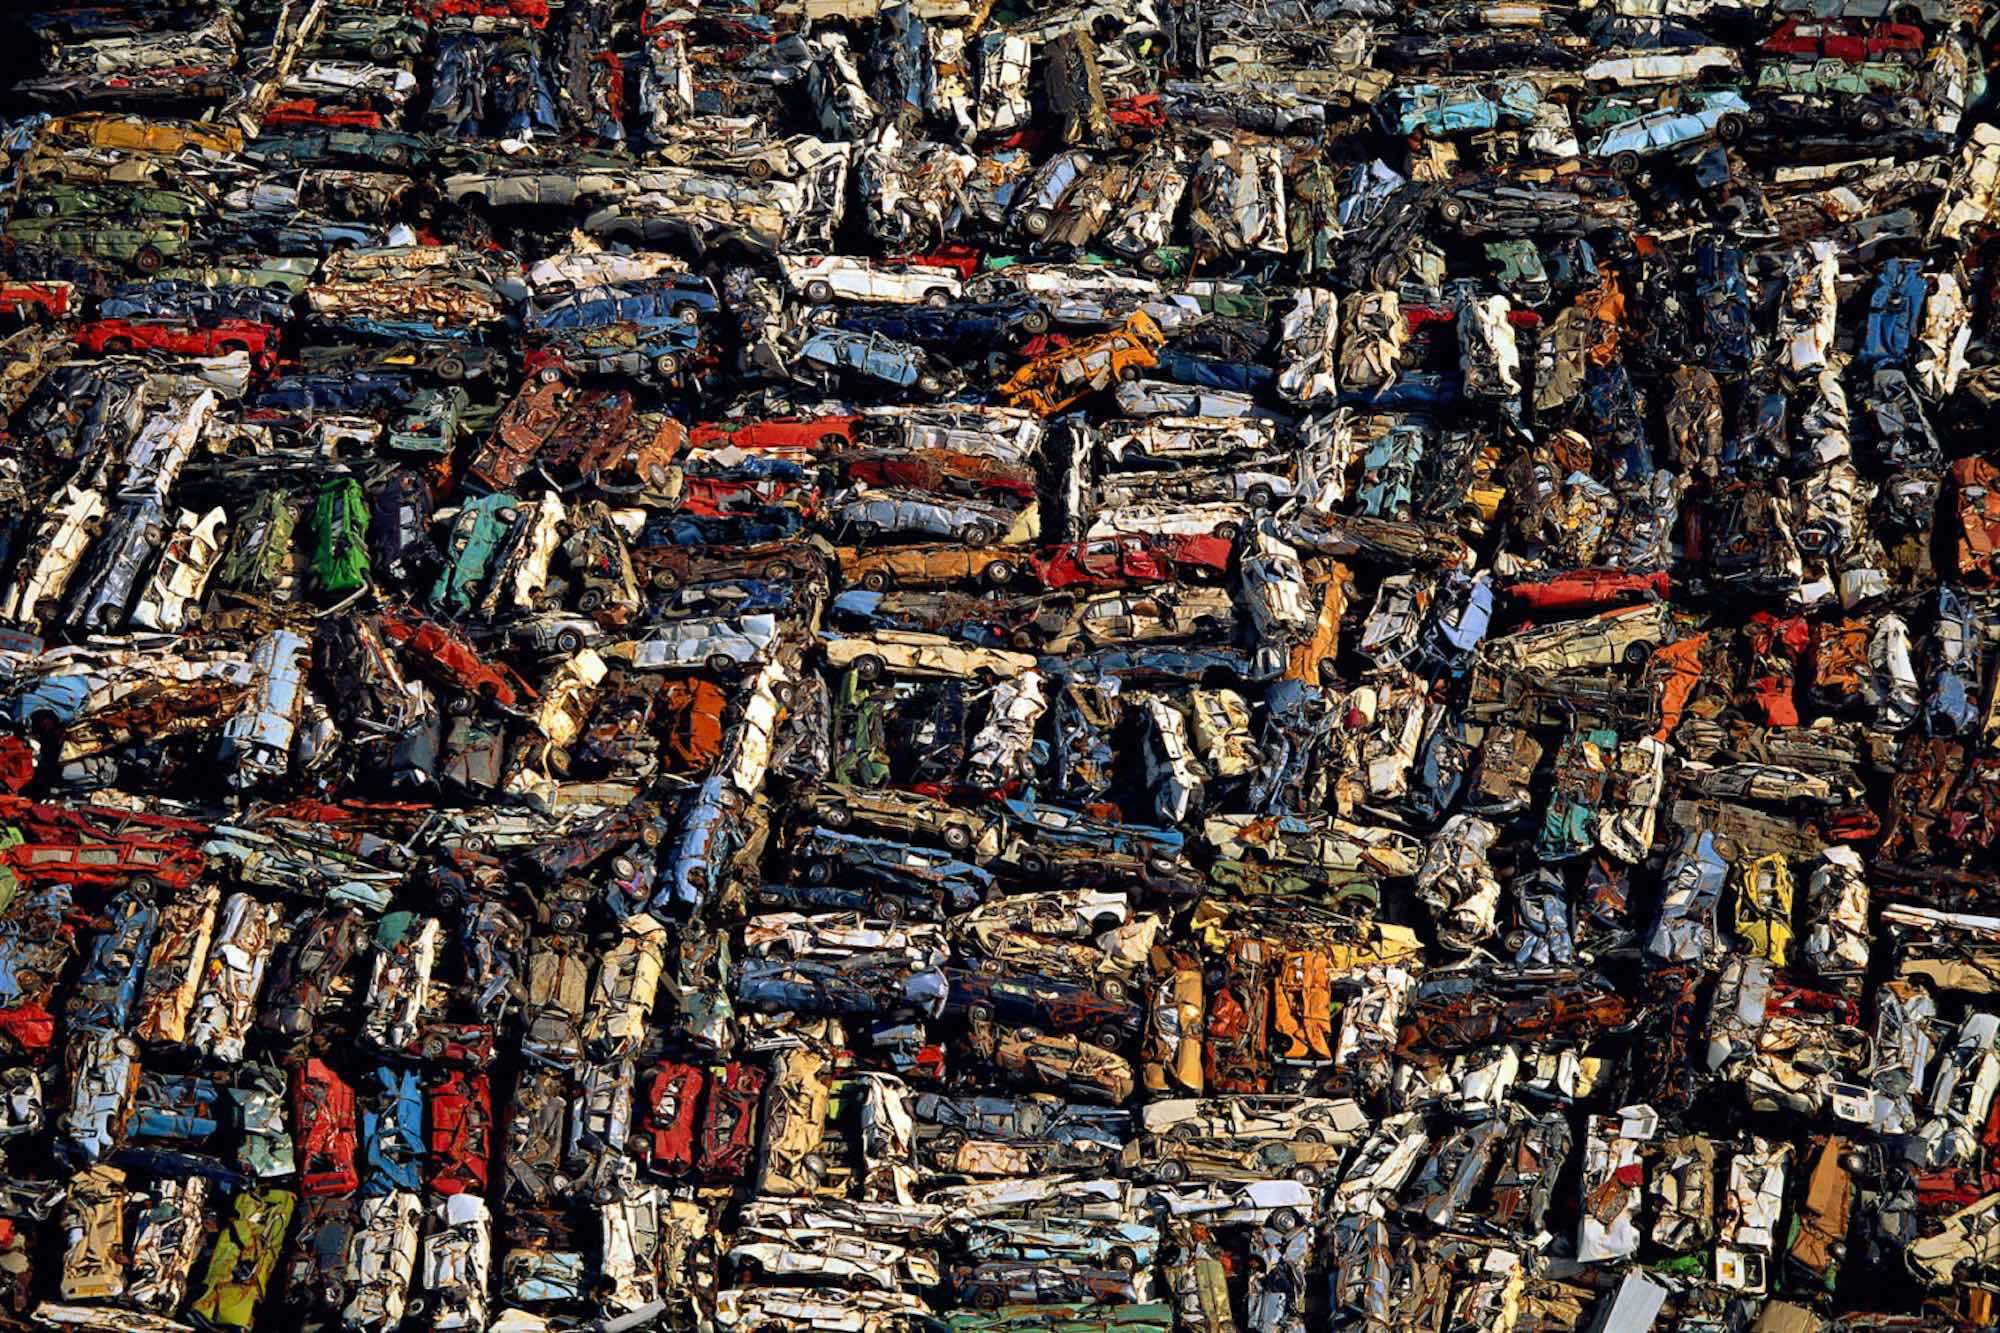 Casse automobile - Yann Arthus-Bertrand